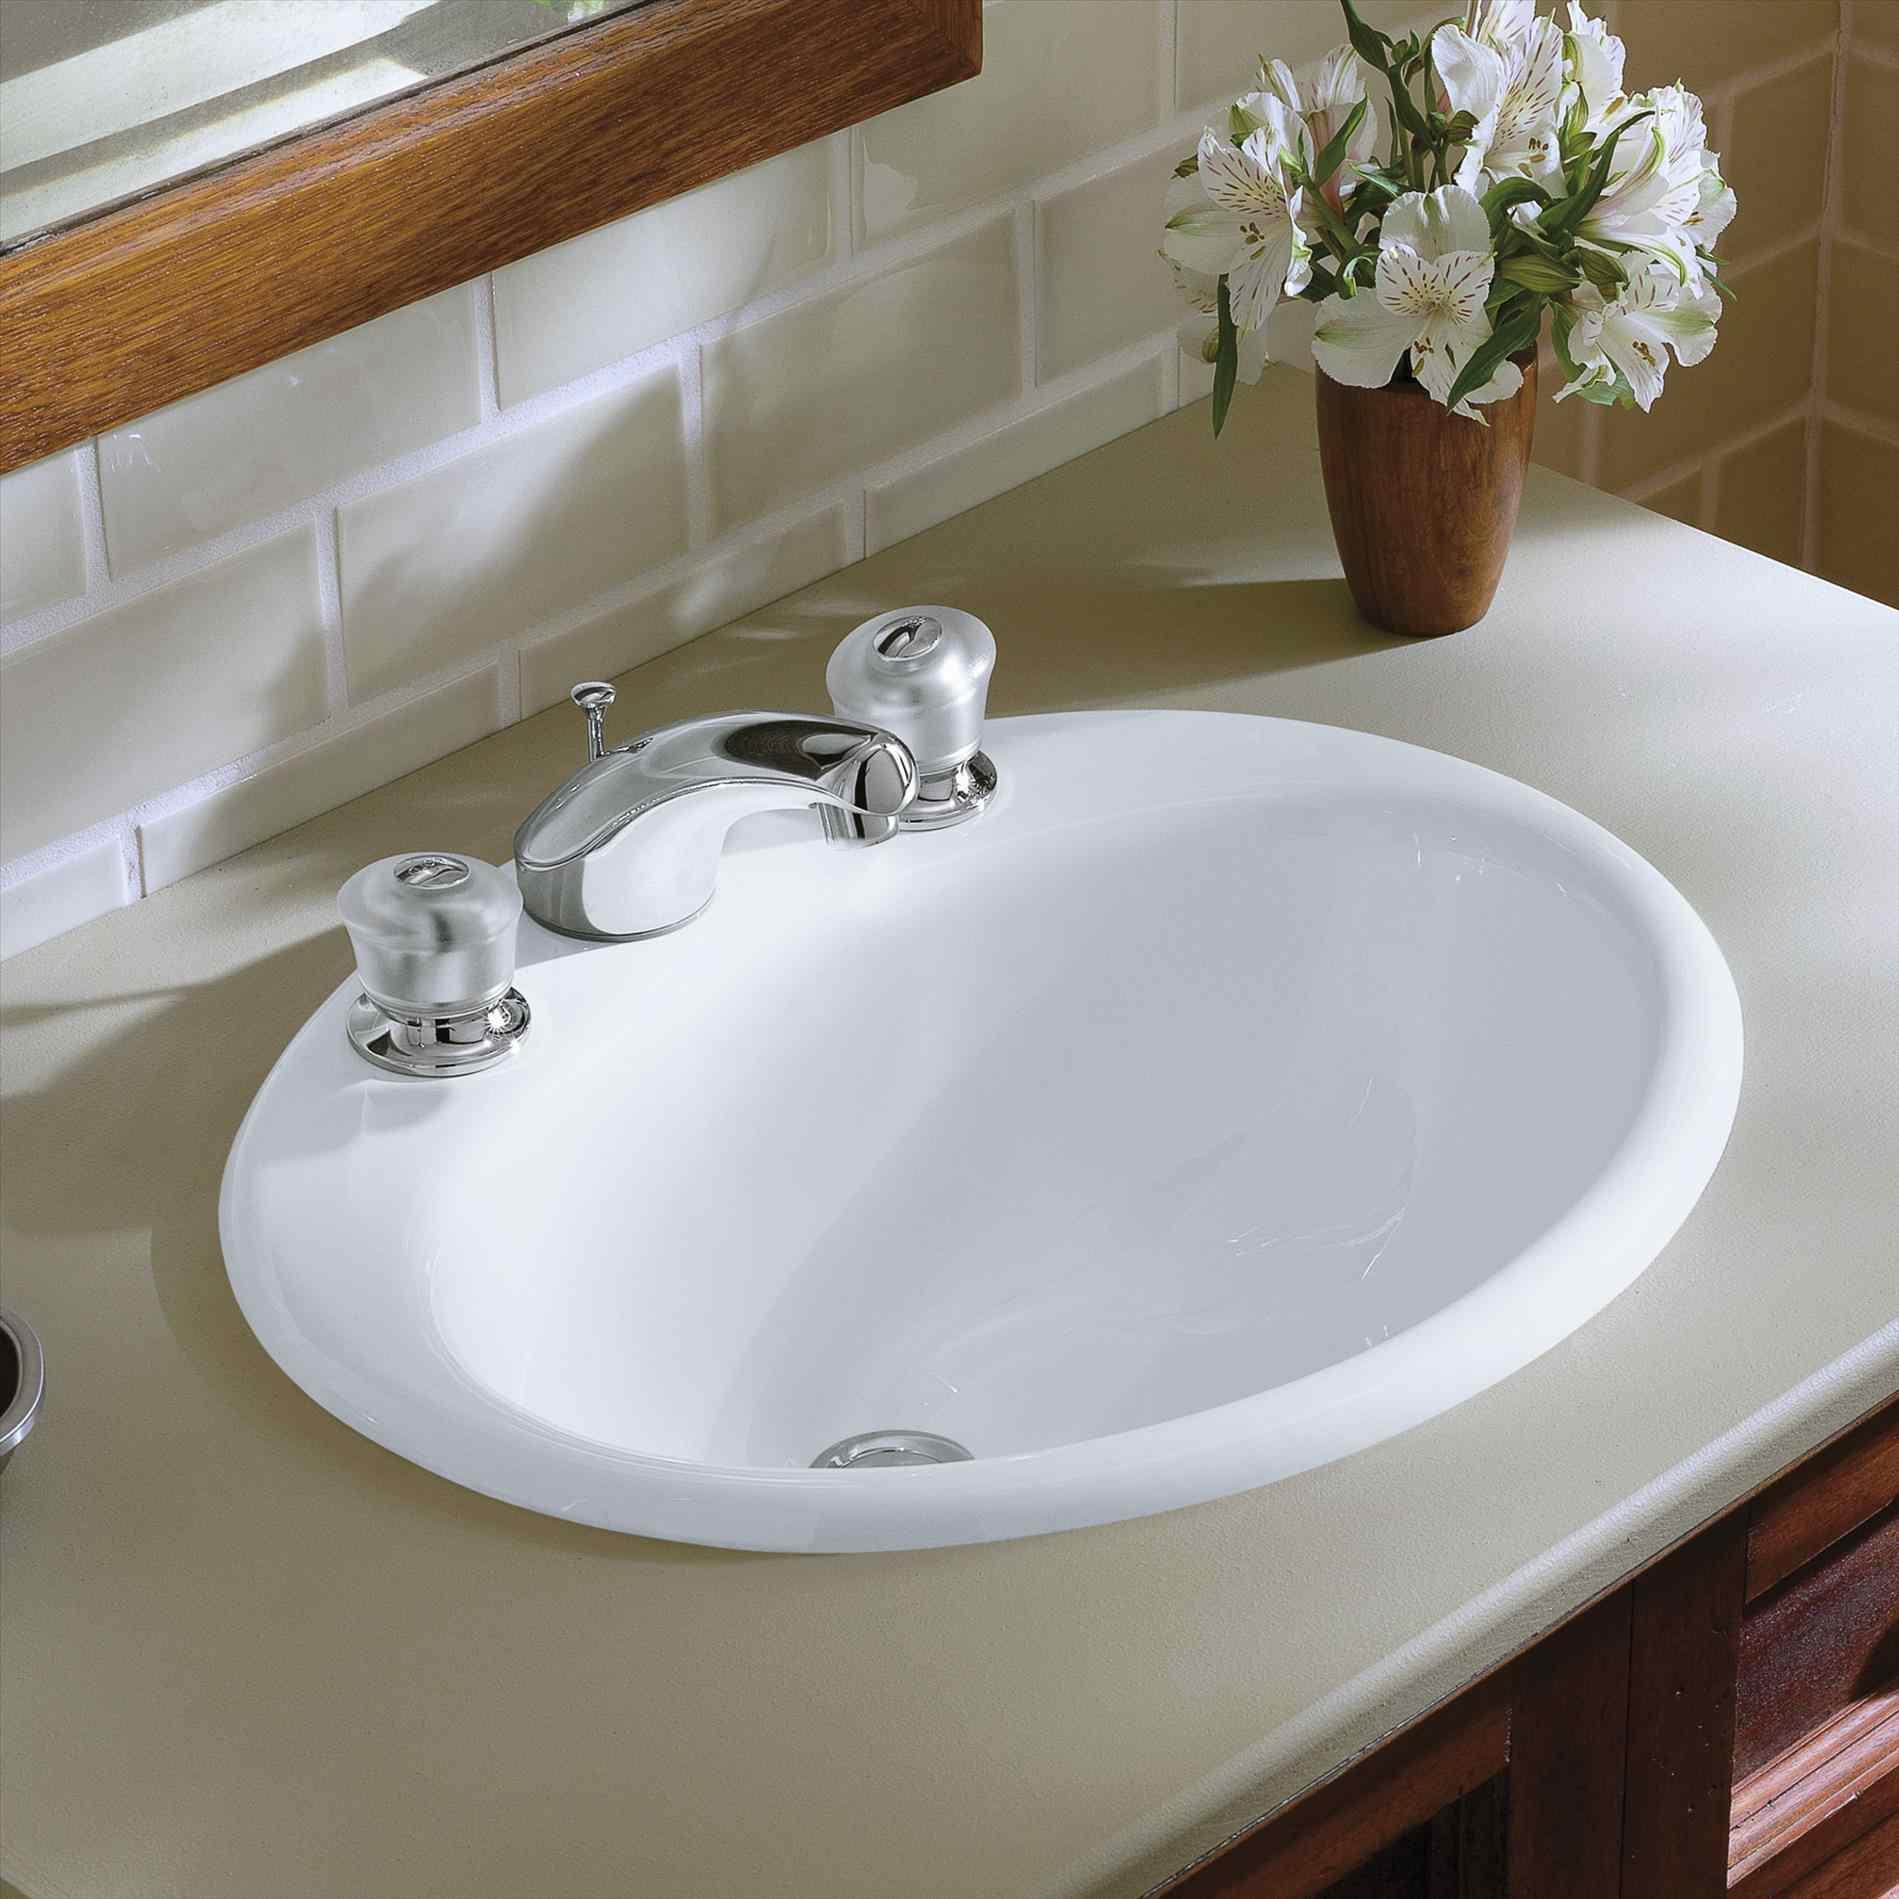 Undermount Bath Sink With Faucet Holes • Faucet Ideas Site